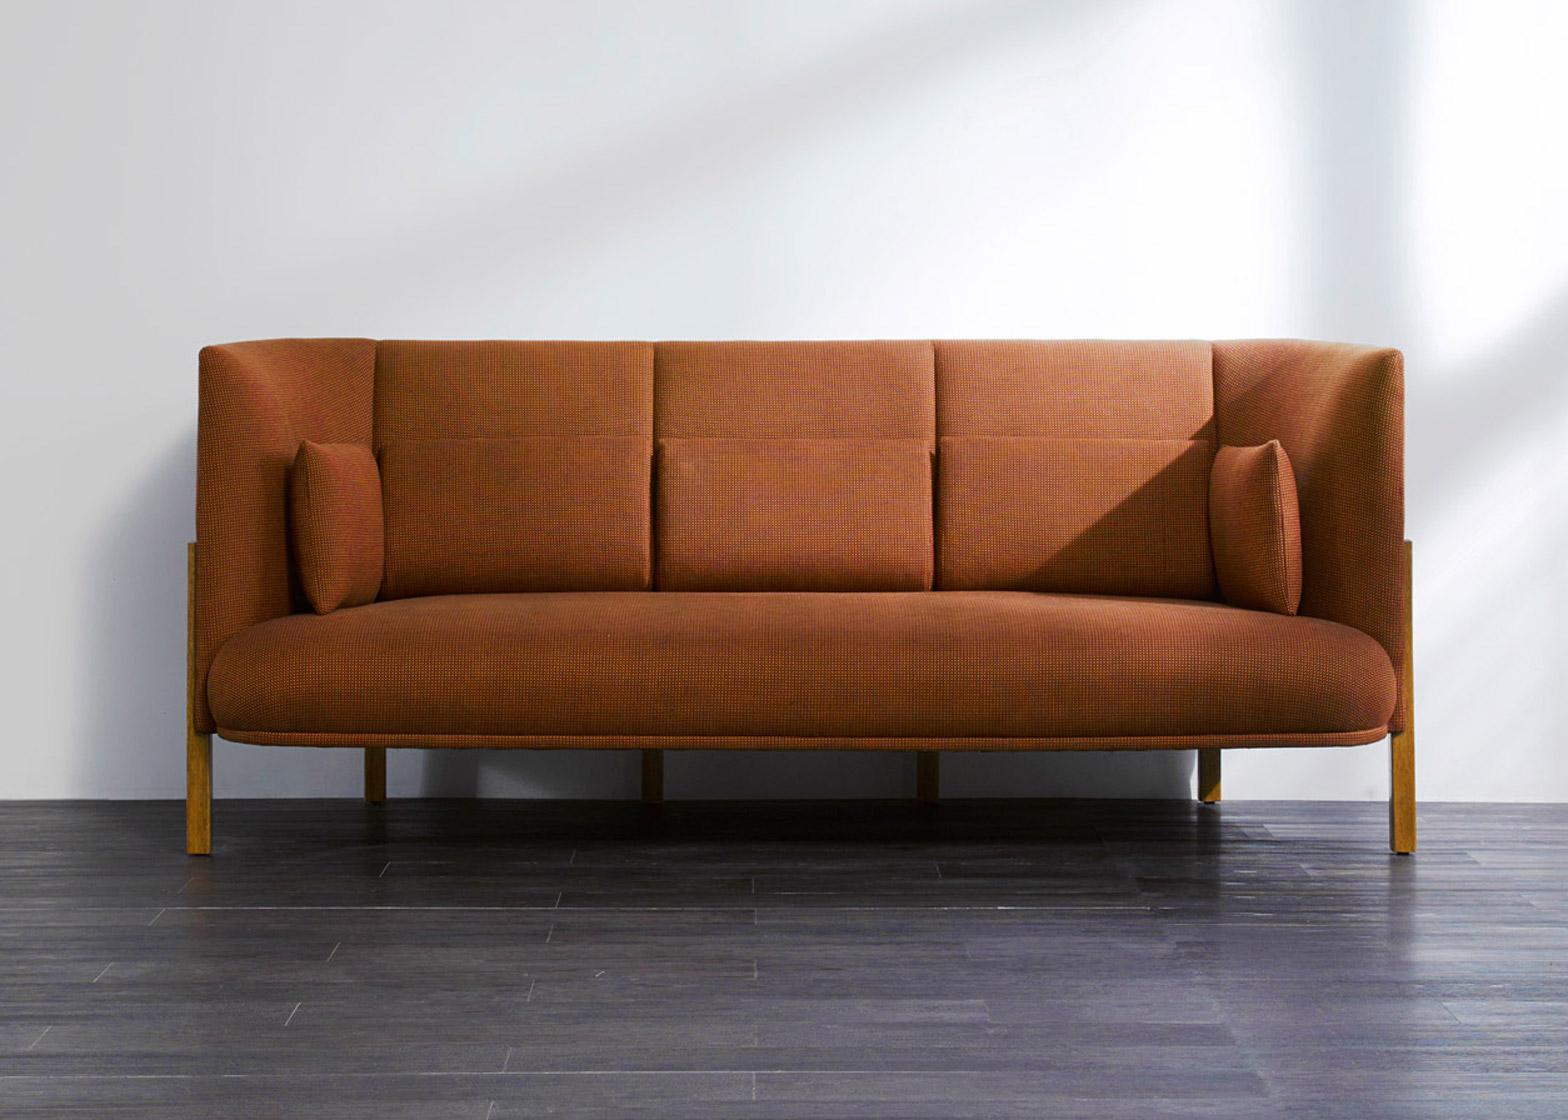 Cofa by Luca Nichetto